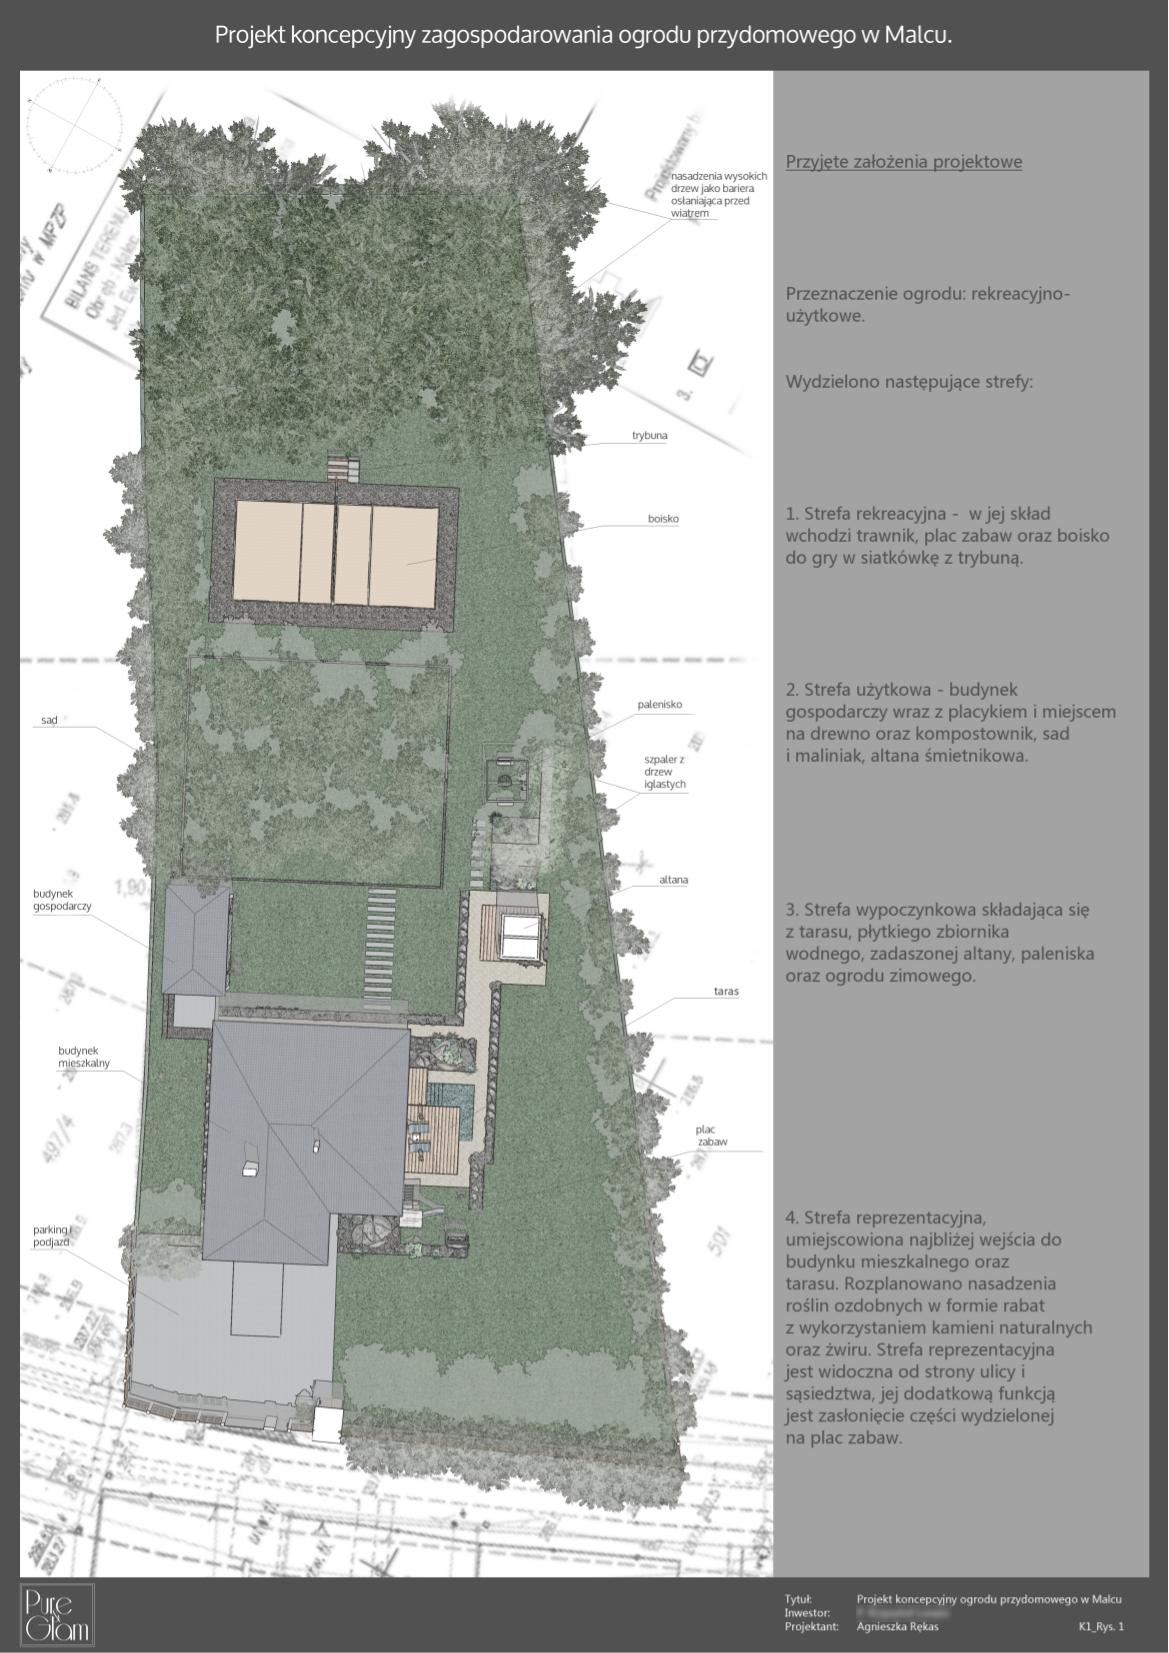 ogrod wMalcu koncepcja 1 widok zgory